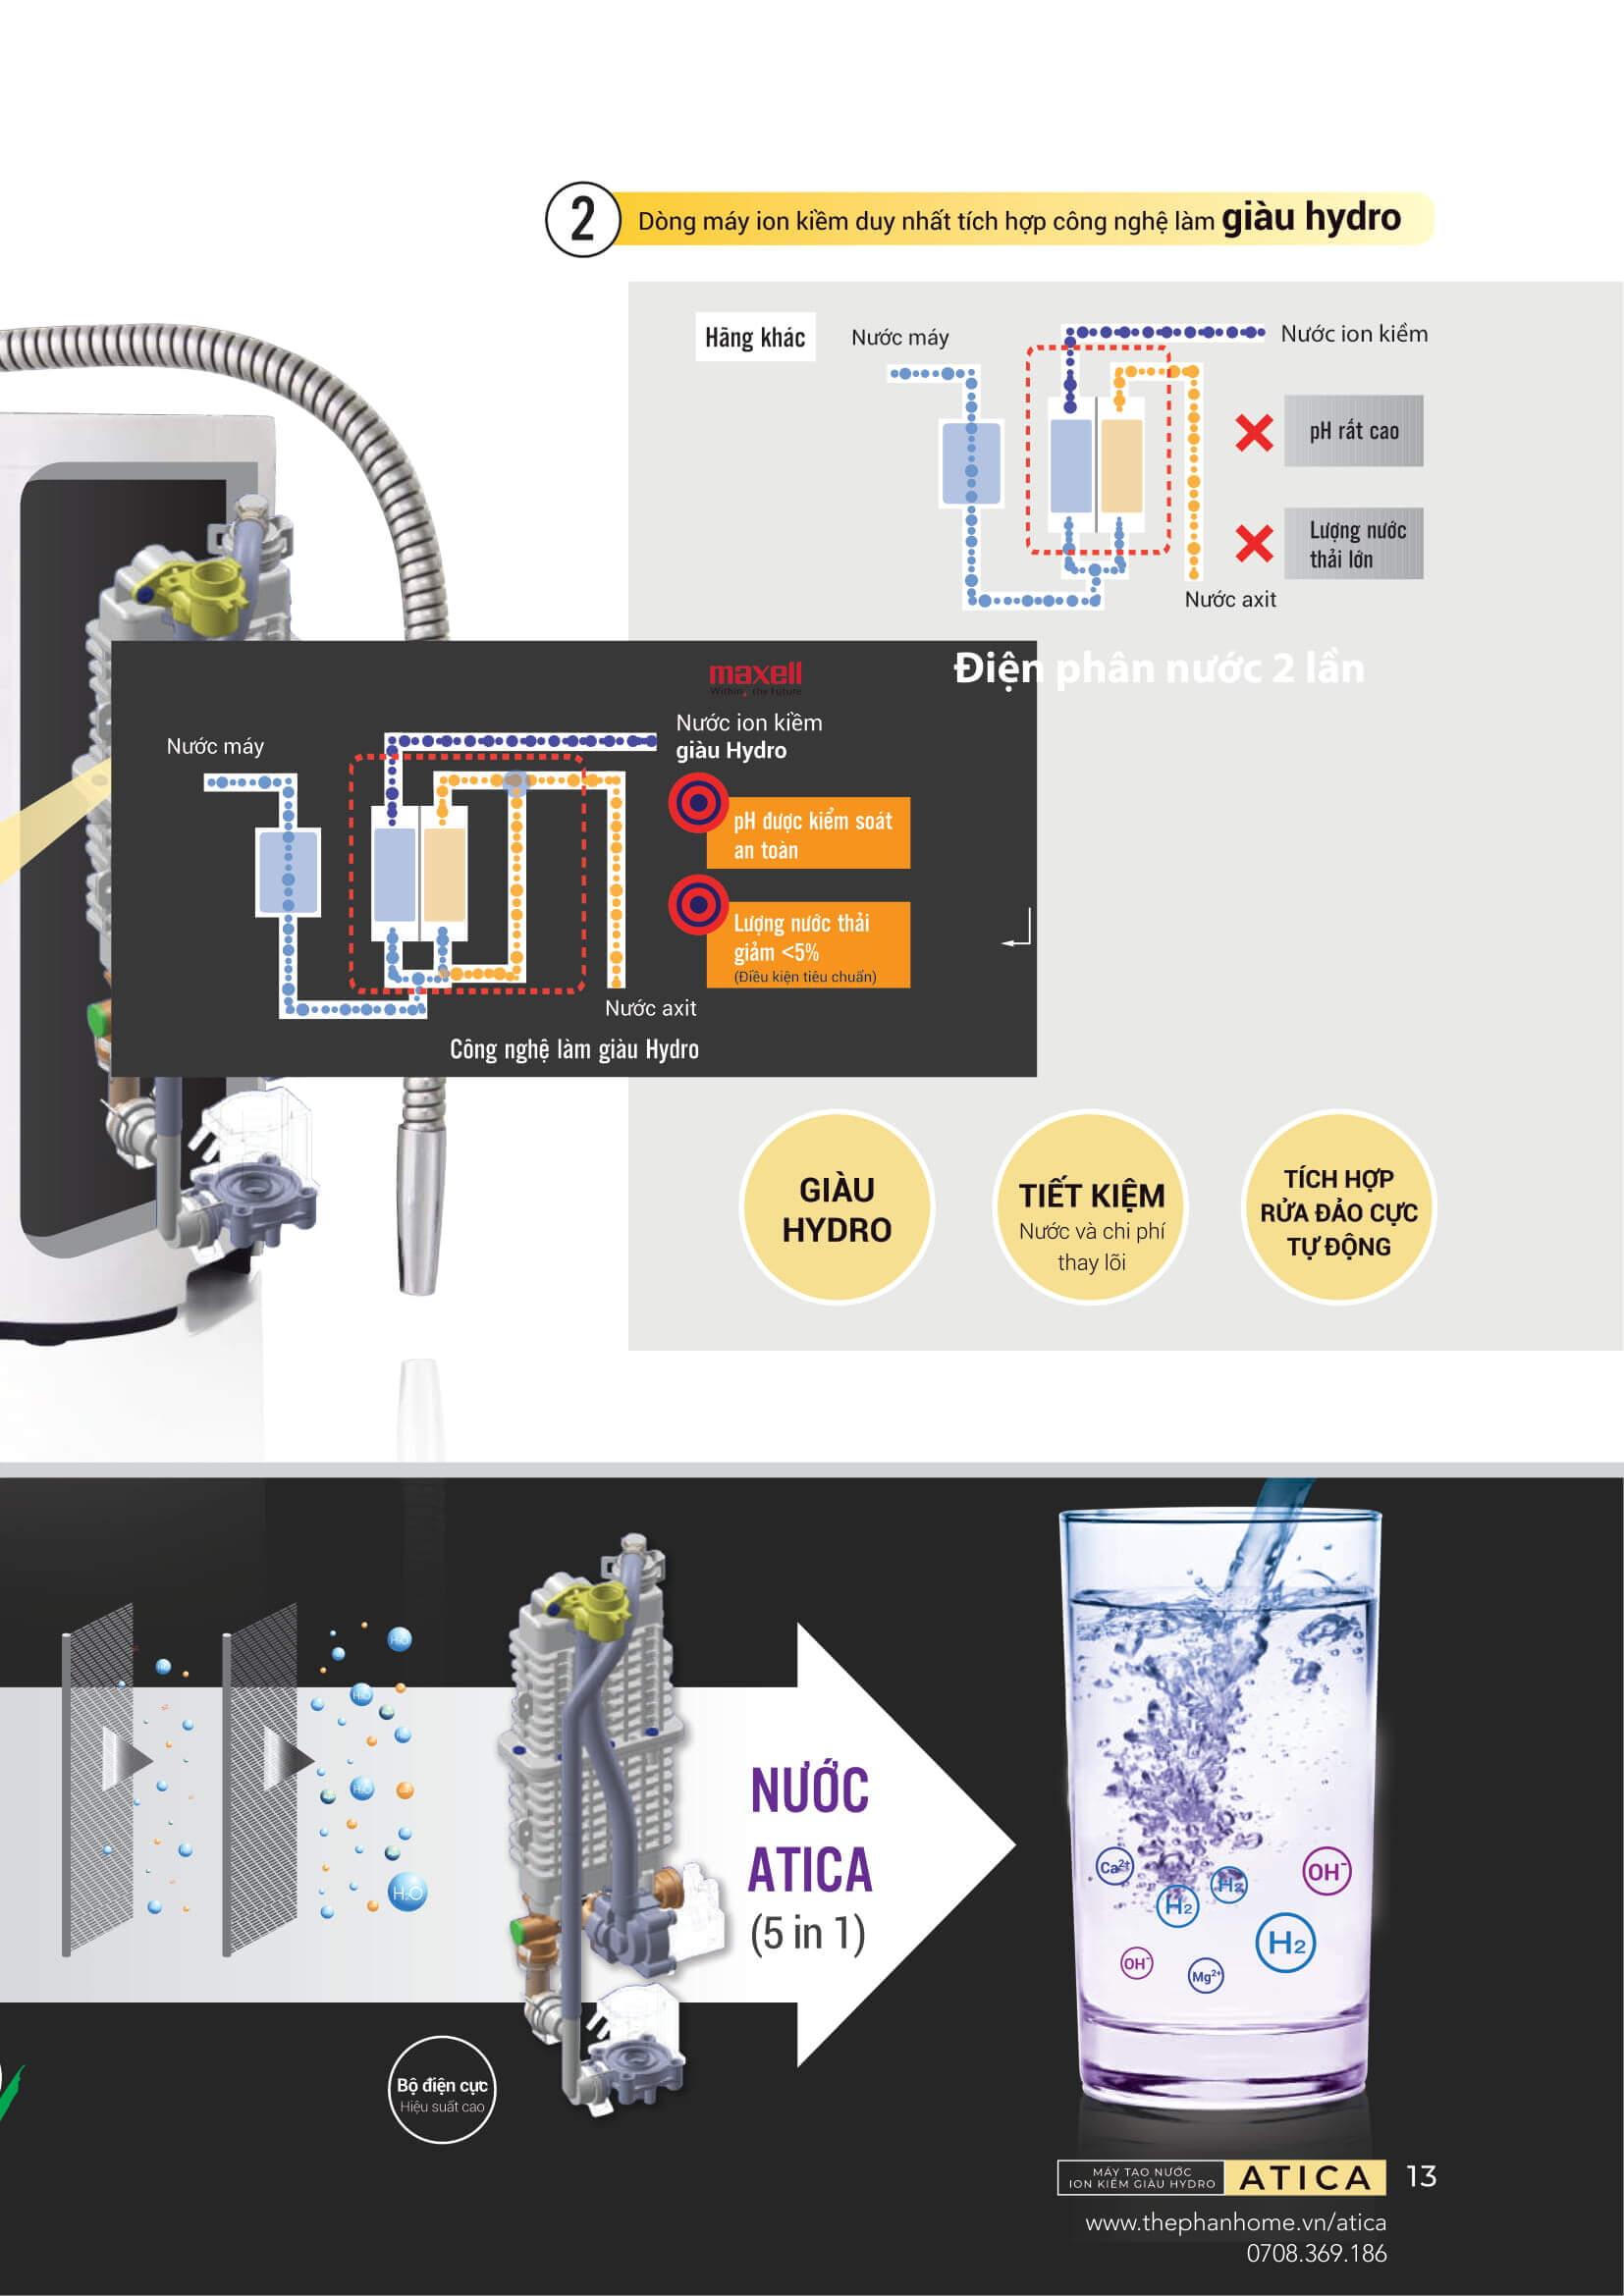 Máy Lọc Nước Điện Giải Ion Kiềm ATICA SILVER - Độc quyền công nghệ điện phân nước 2 lần